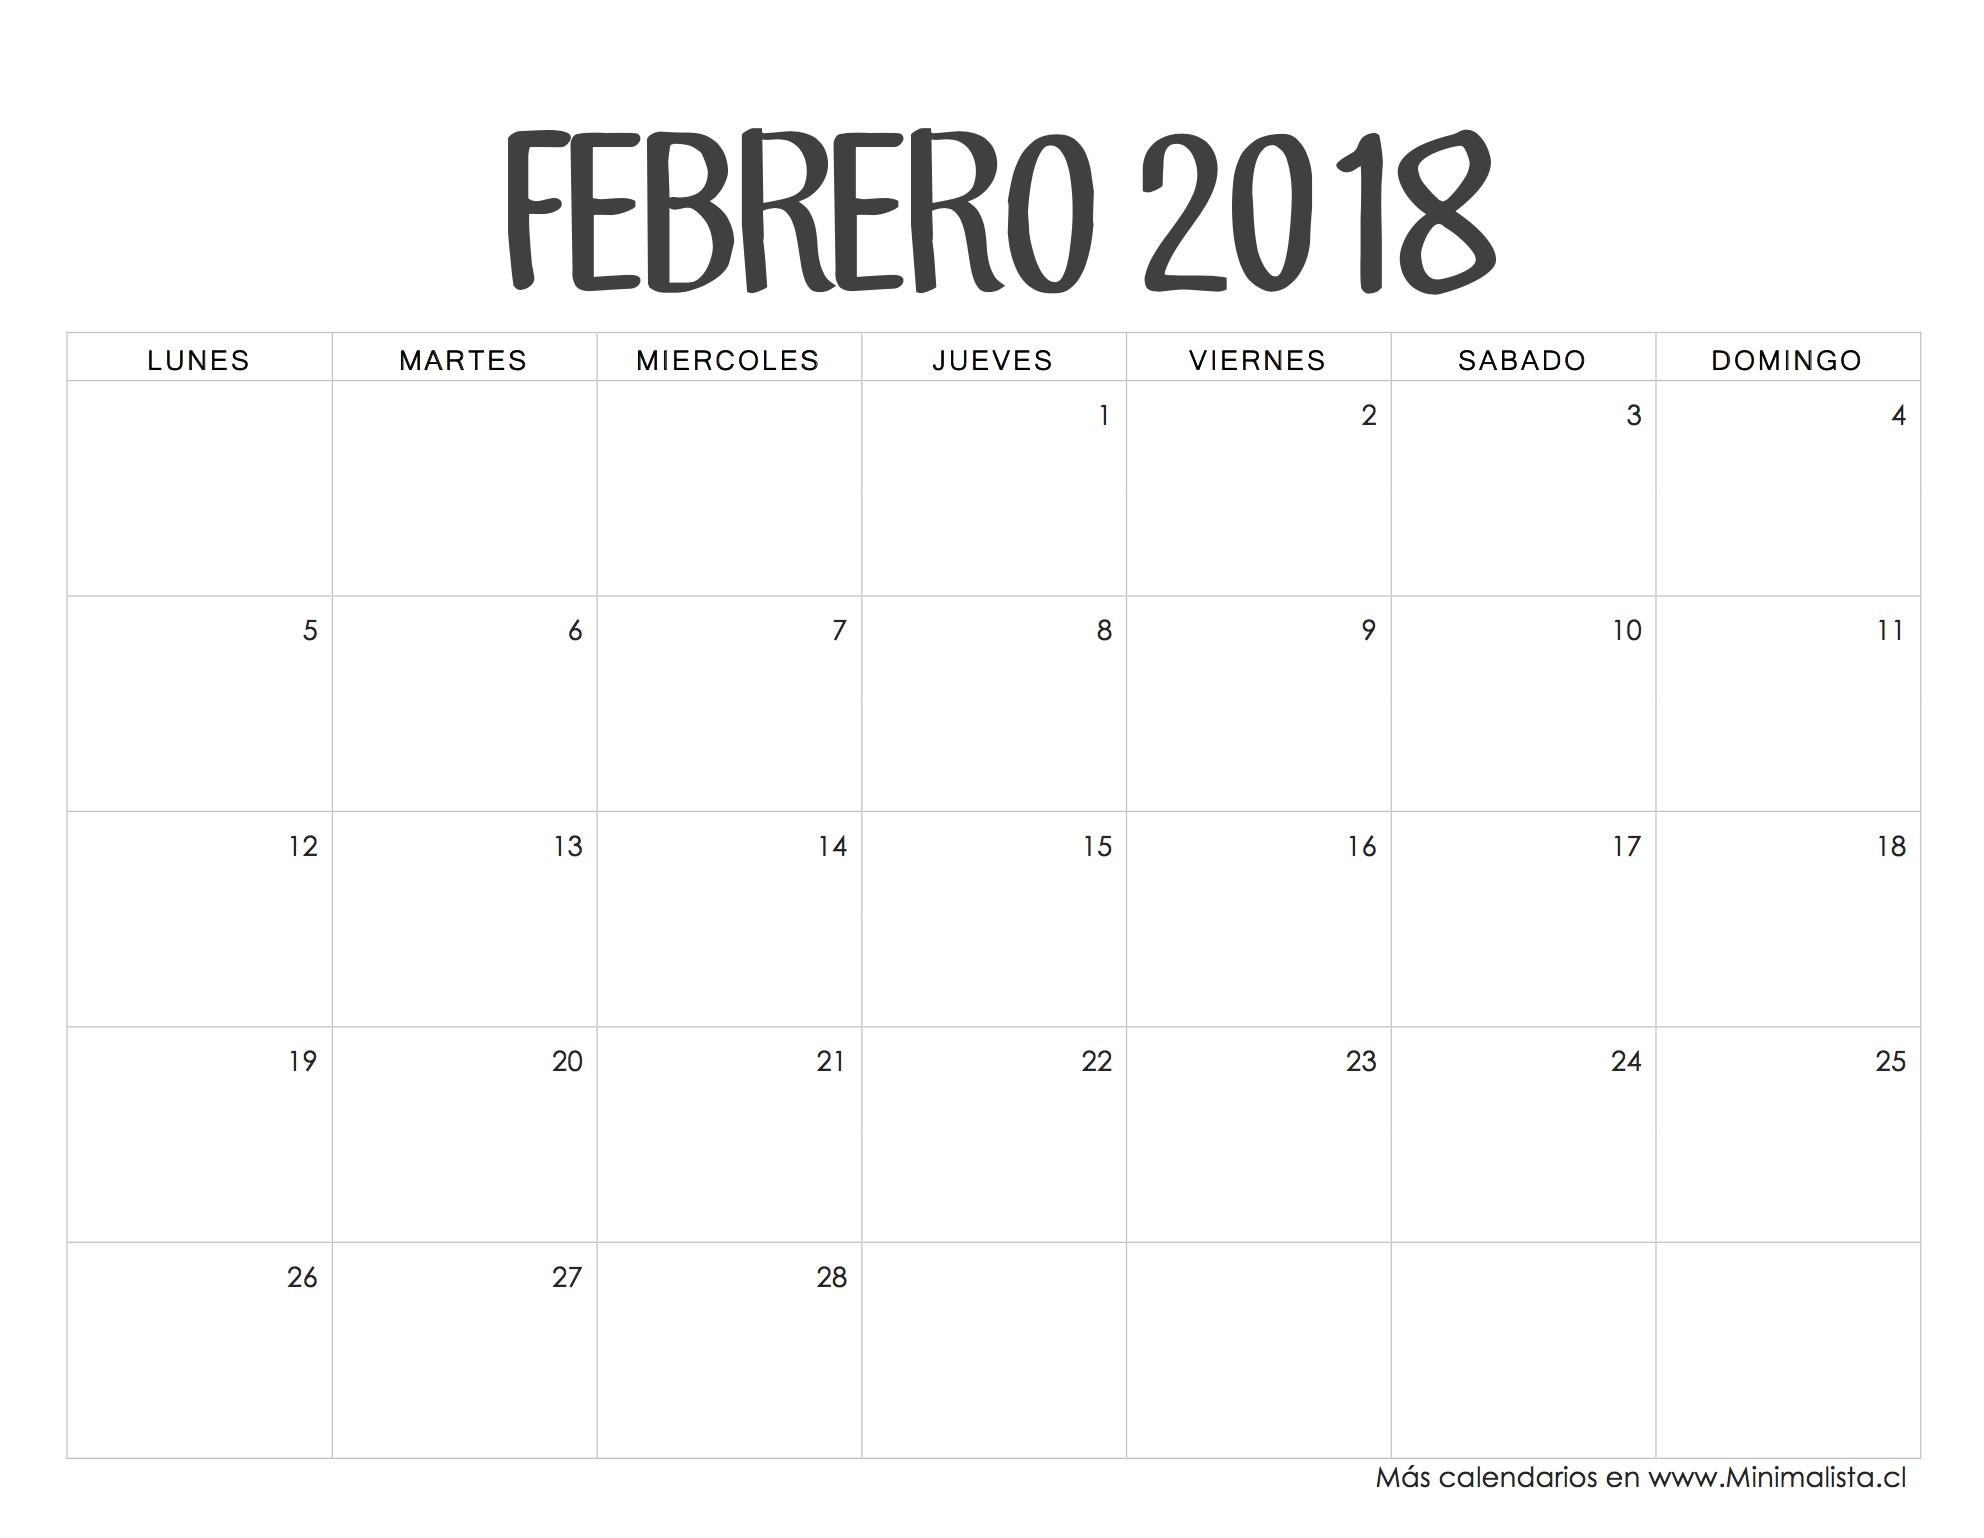 Calendario Para Imprimir Marzo 2019 Chile Mejores Y Más Novedosos Calendario Febrero 2018 Dise±os Pinterest Of Calendario Para Imprimir Marzo 2019 Chile Más Populares Ciudades Y Unidades Amigables Con Las Personas Mayores Outubro